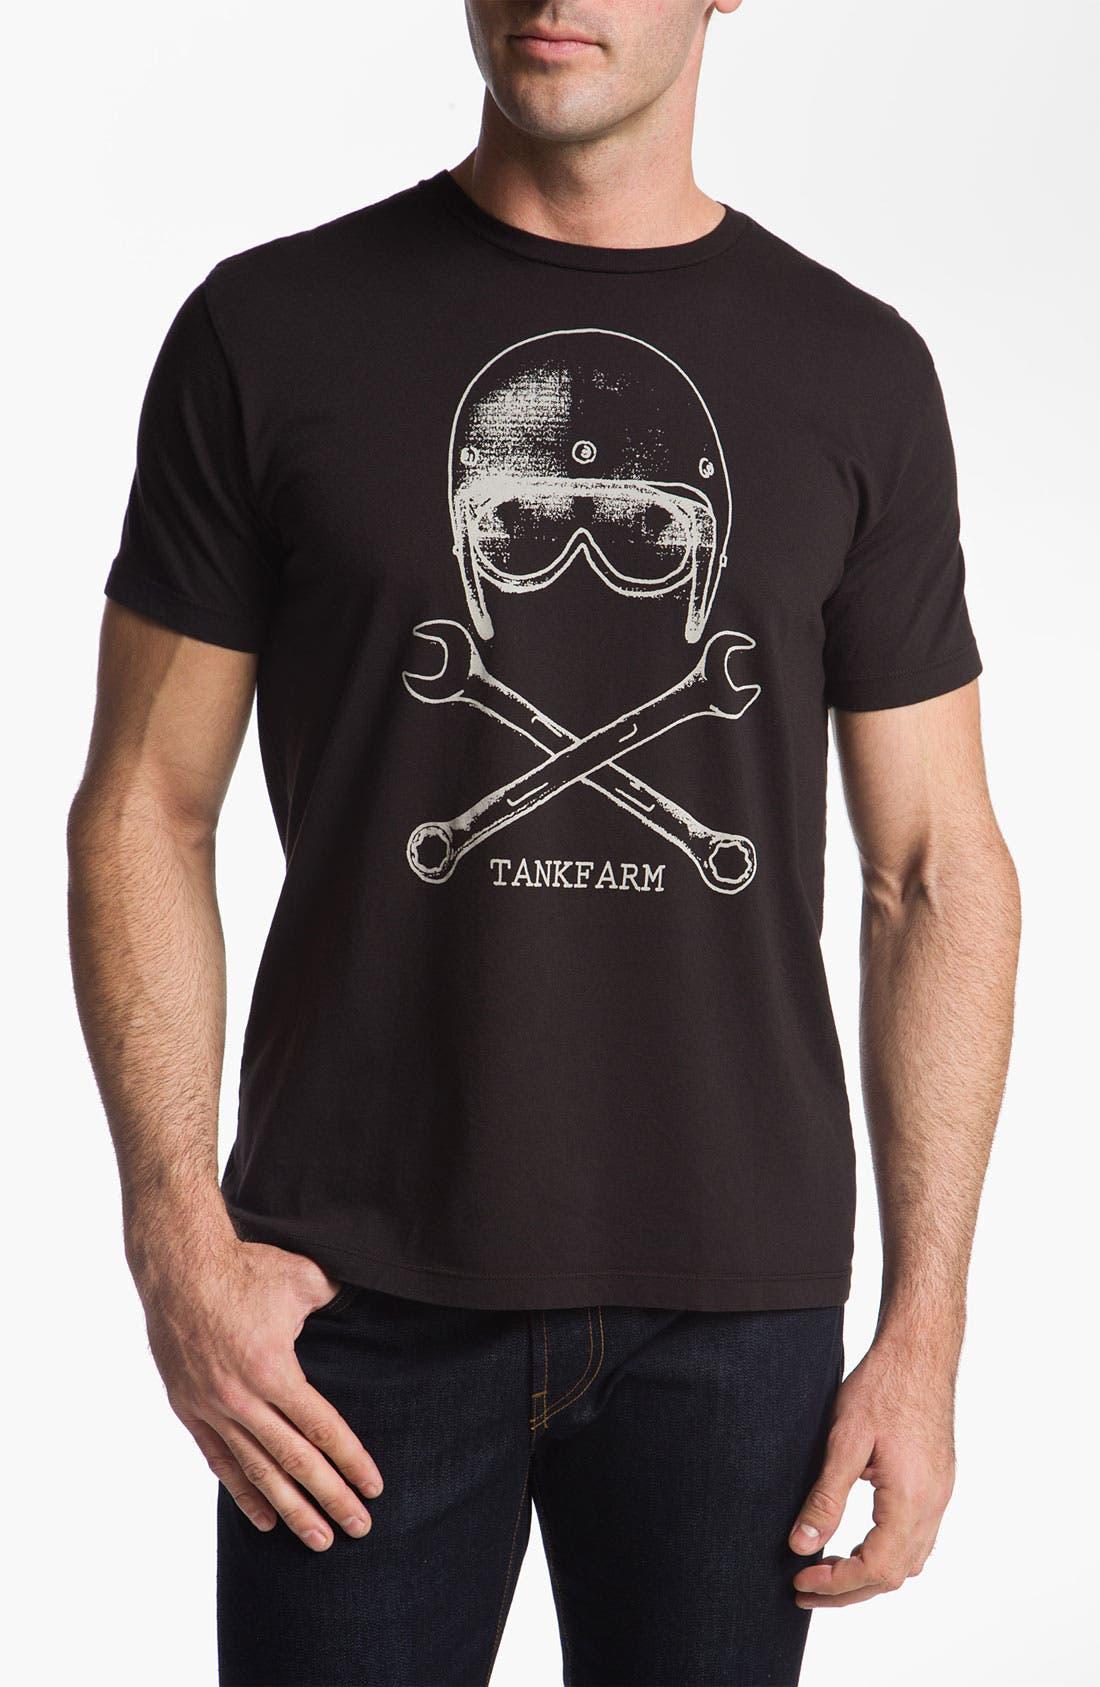 Alternate Image 1 Selected - Tankfarm 'Skull & Wrench' T-Shirt